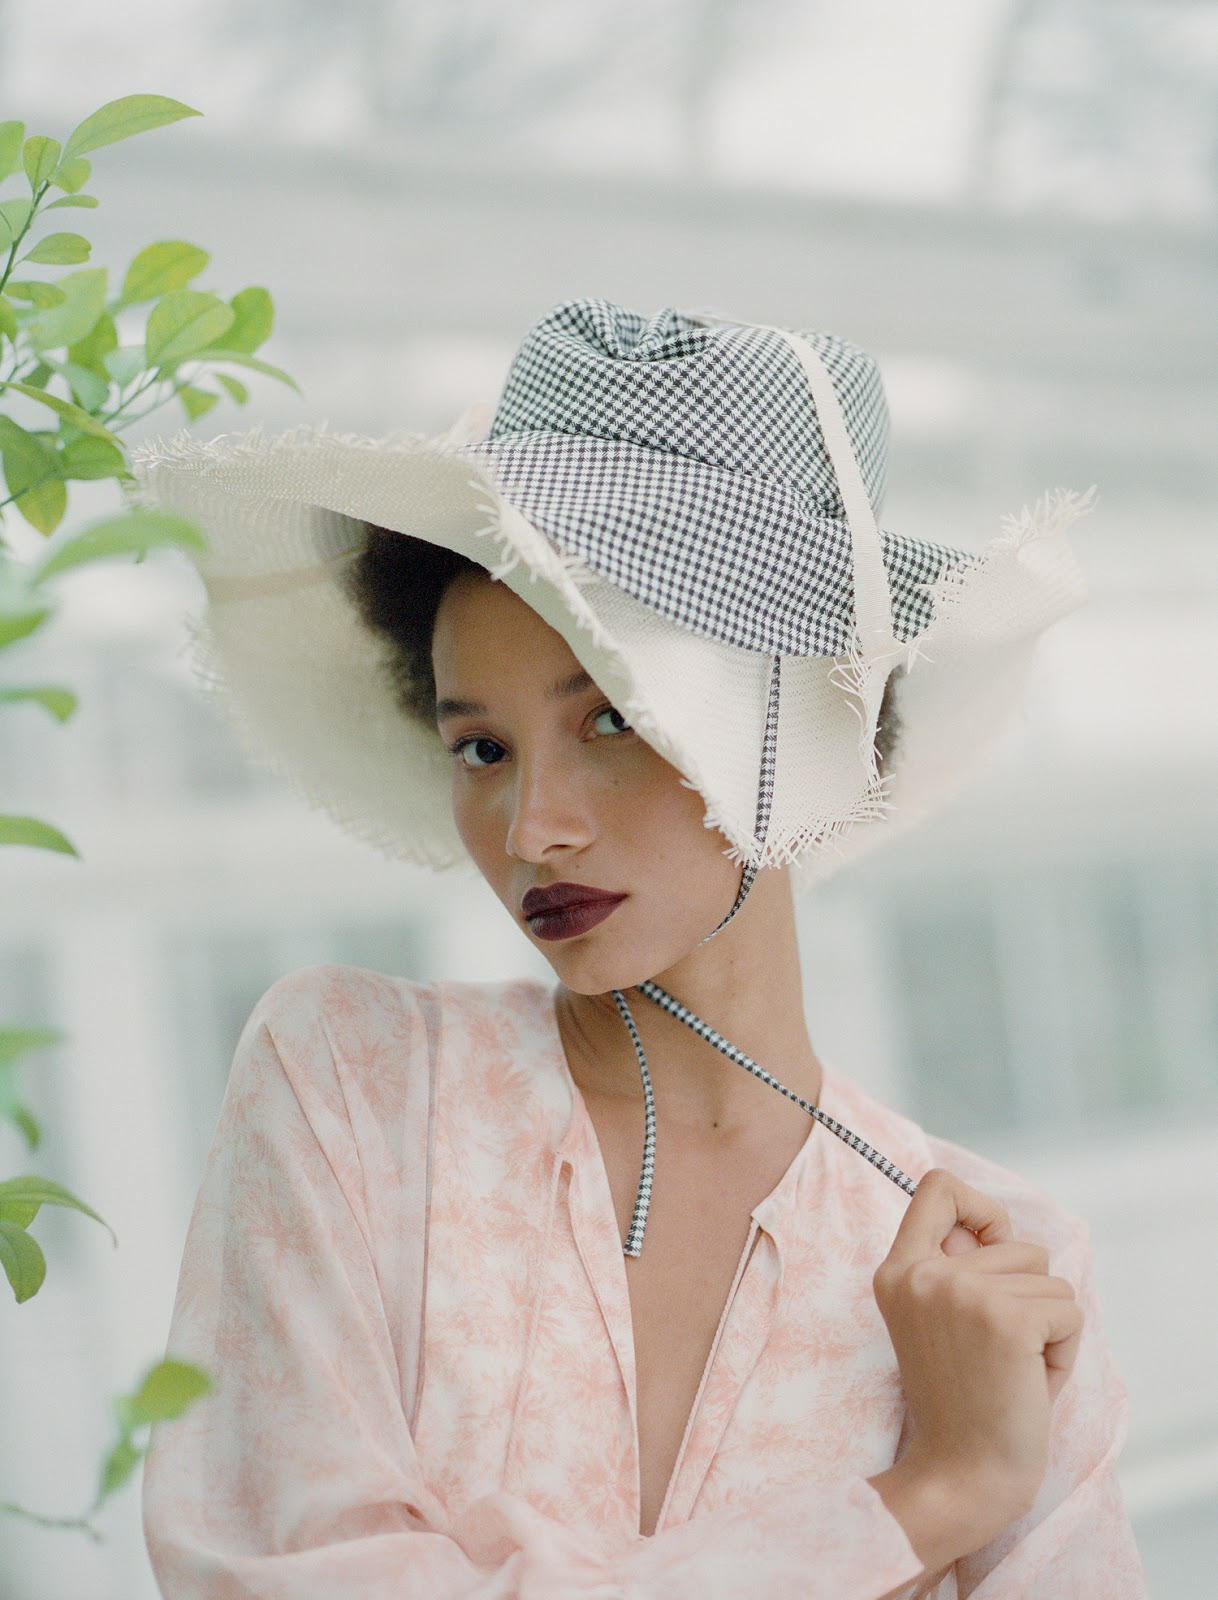 Lineisy Montero by Stas Komarovski for Vogue Mexico Feb 2019 (8).jpg